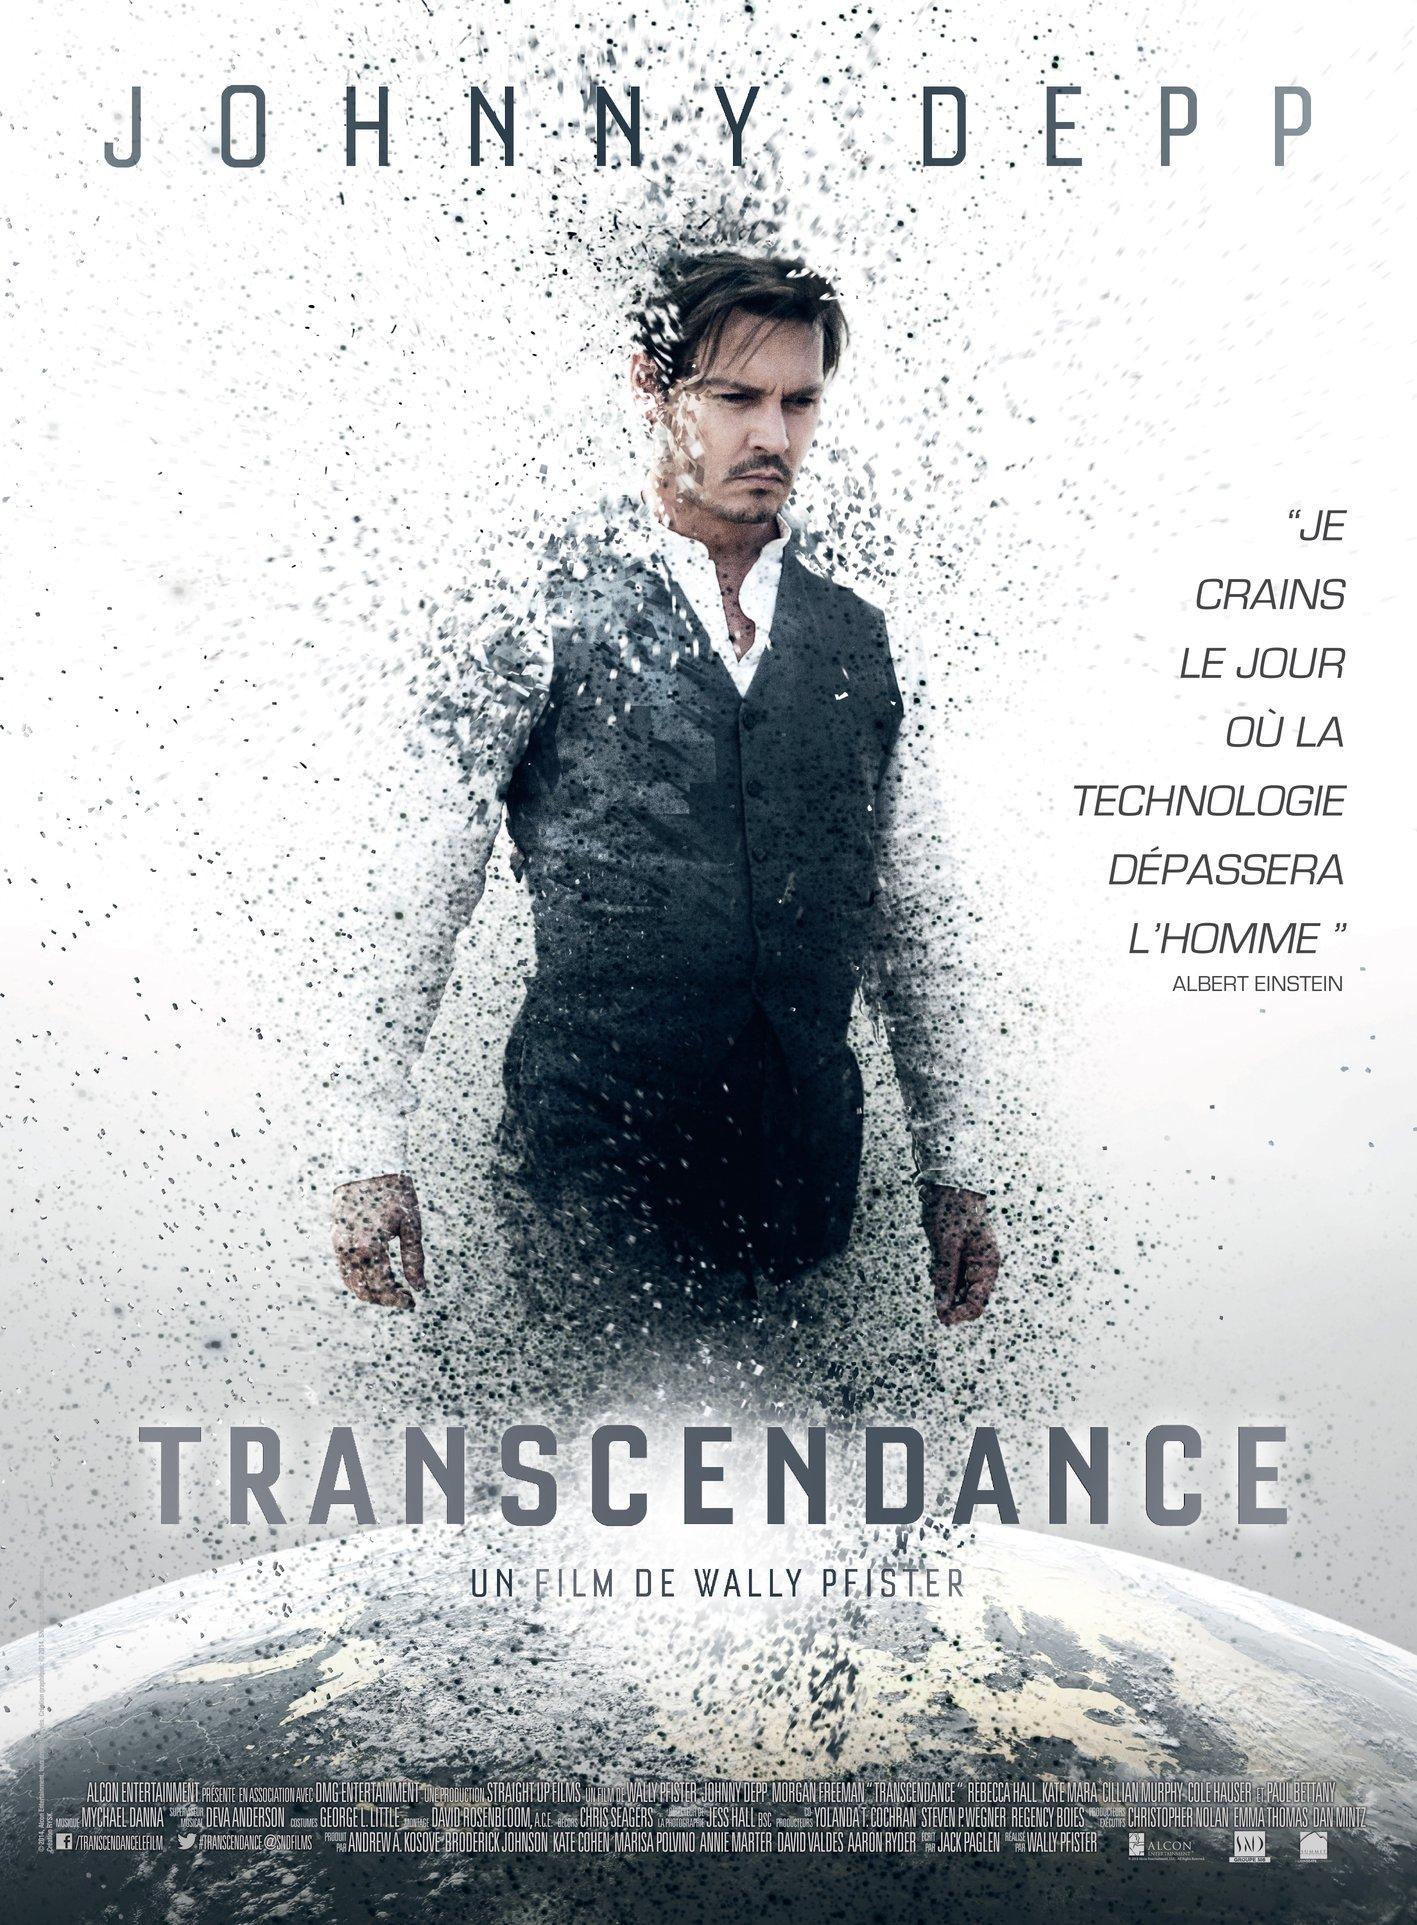 Transcendance film